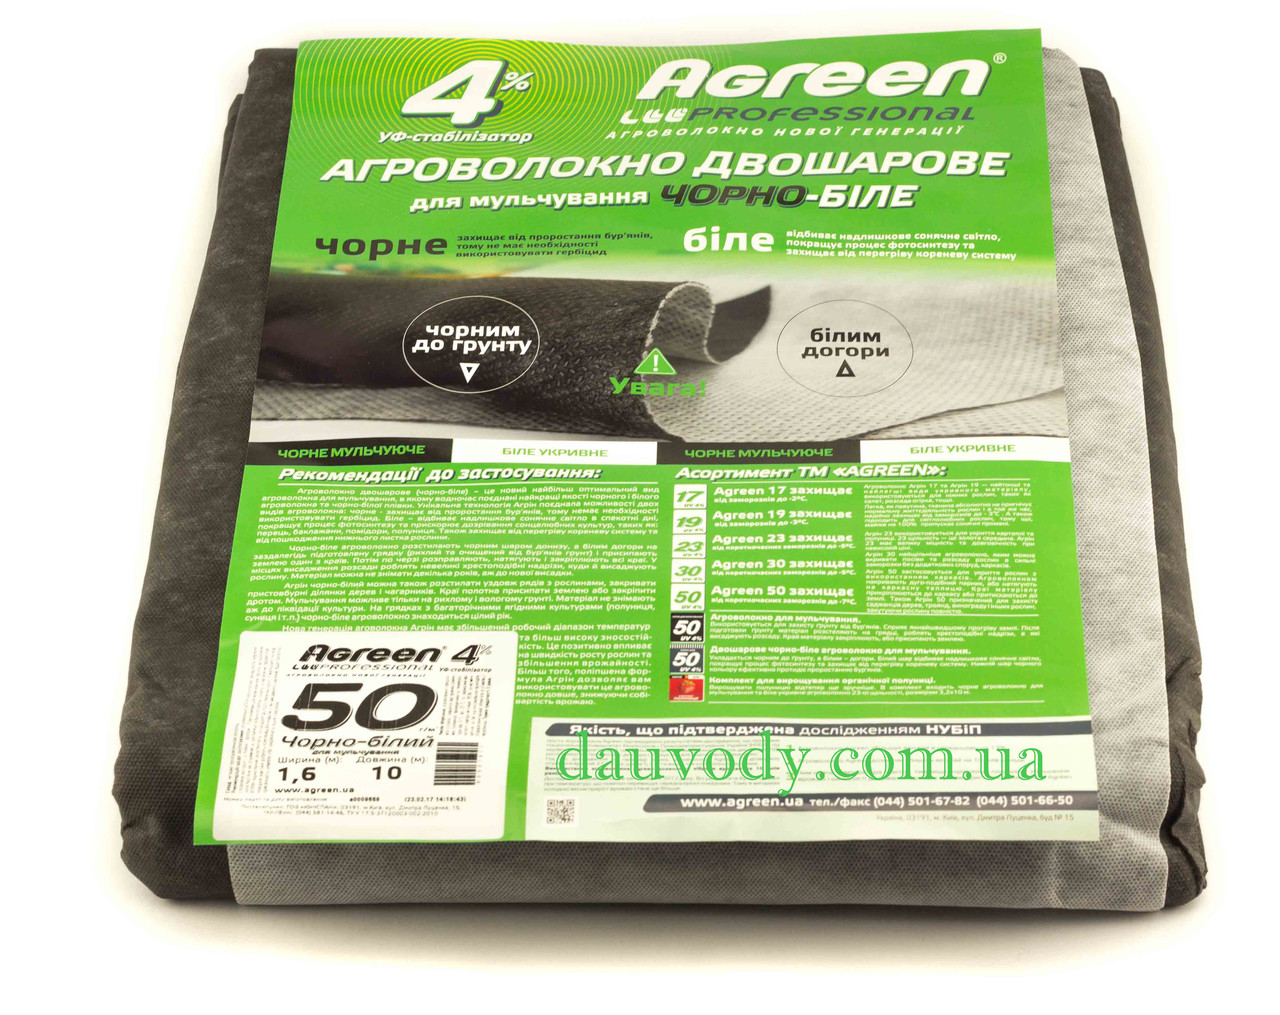 Агроволокно черно-белое 50 плотность (3.2м*10м) Agreen, фото 1